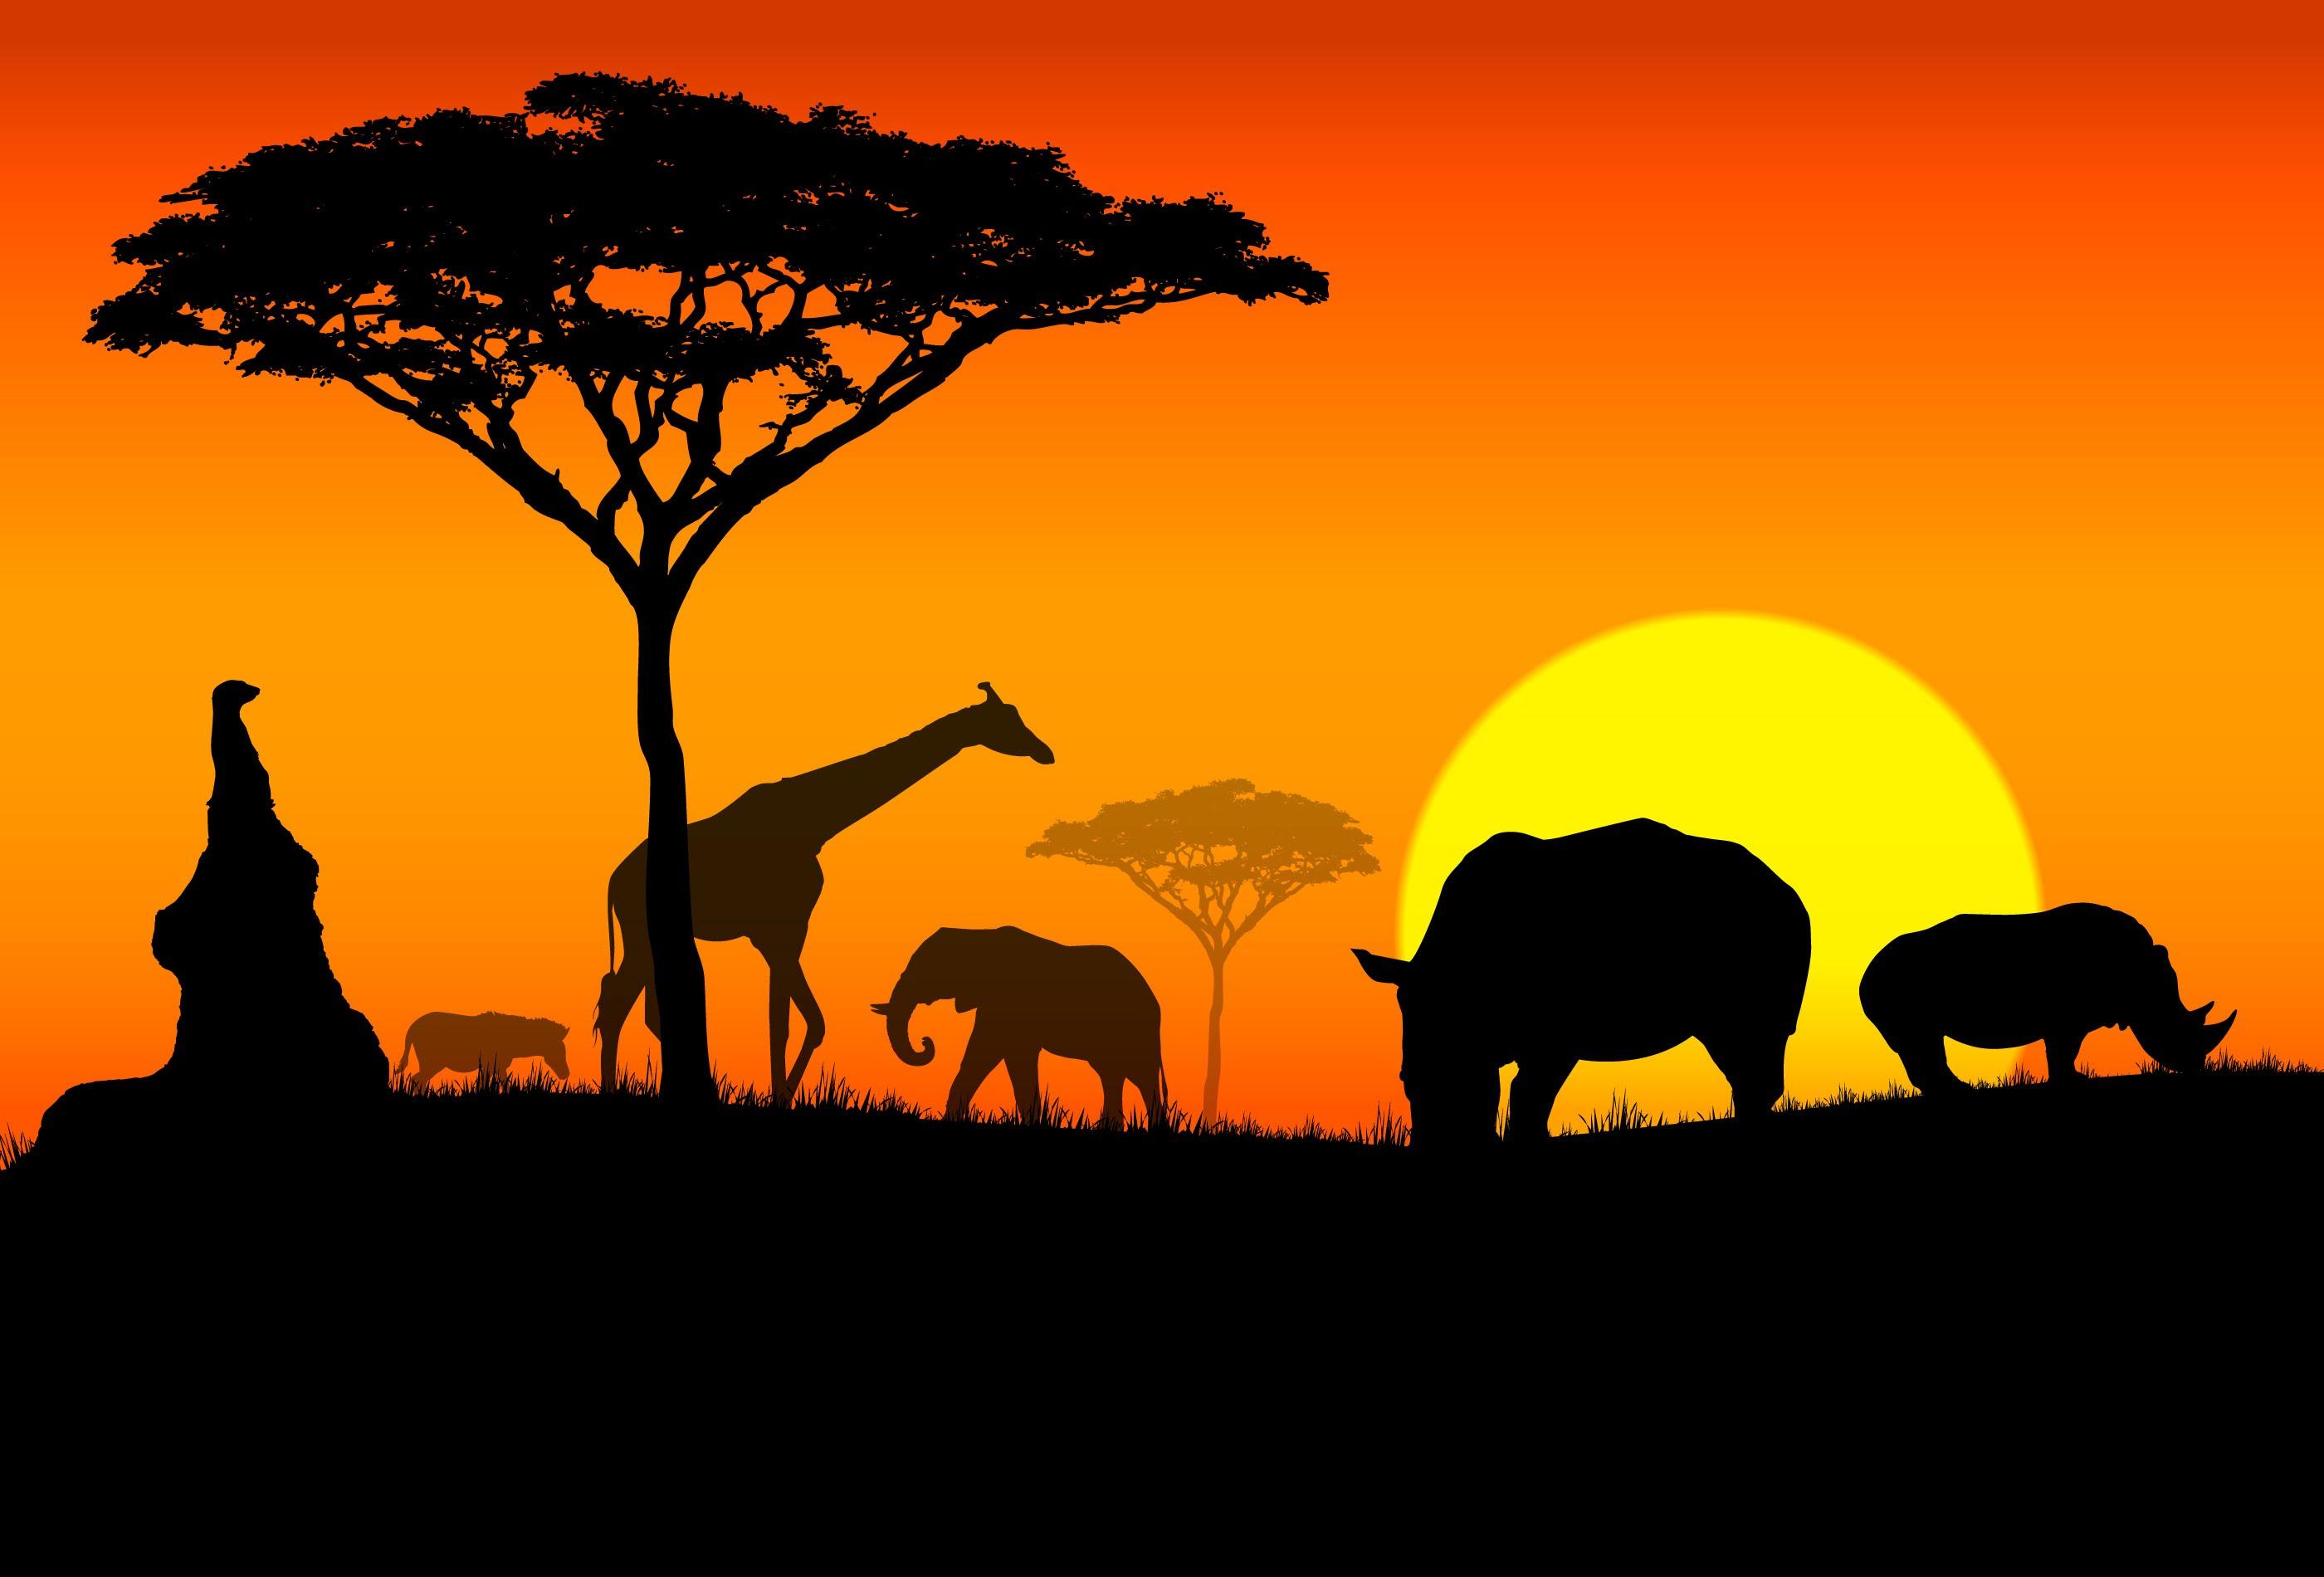 [오늘날 아프리카 이해하기2] 식민주의에서 신식민주의에 이르기까지